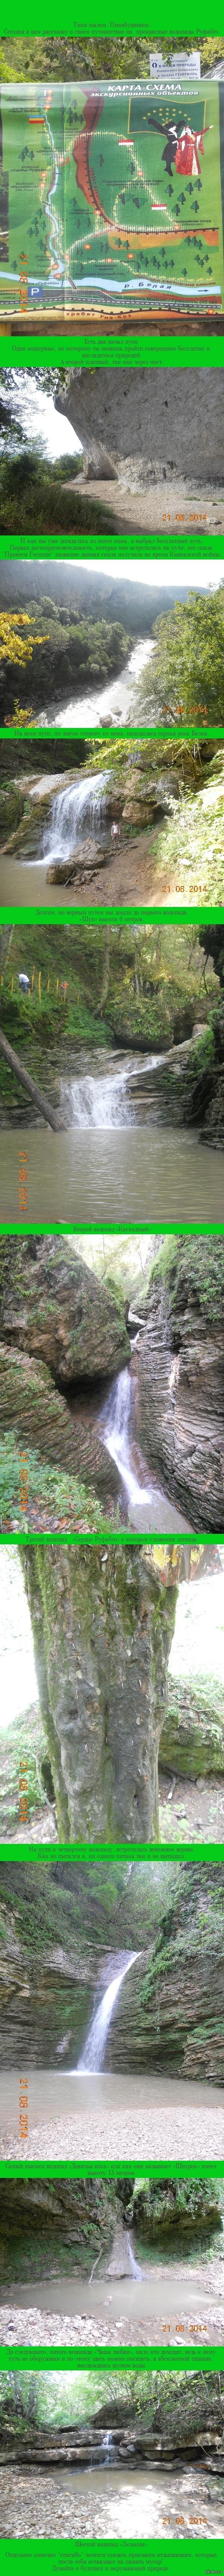 Республика Адыгея. Водопады Руфабго.